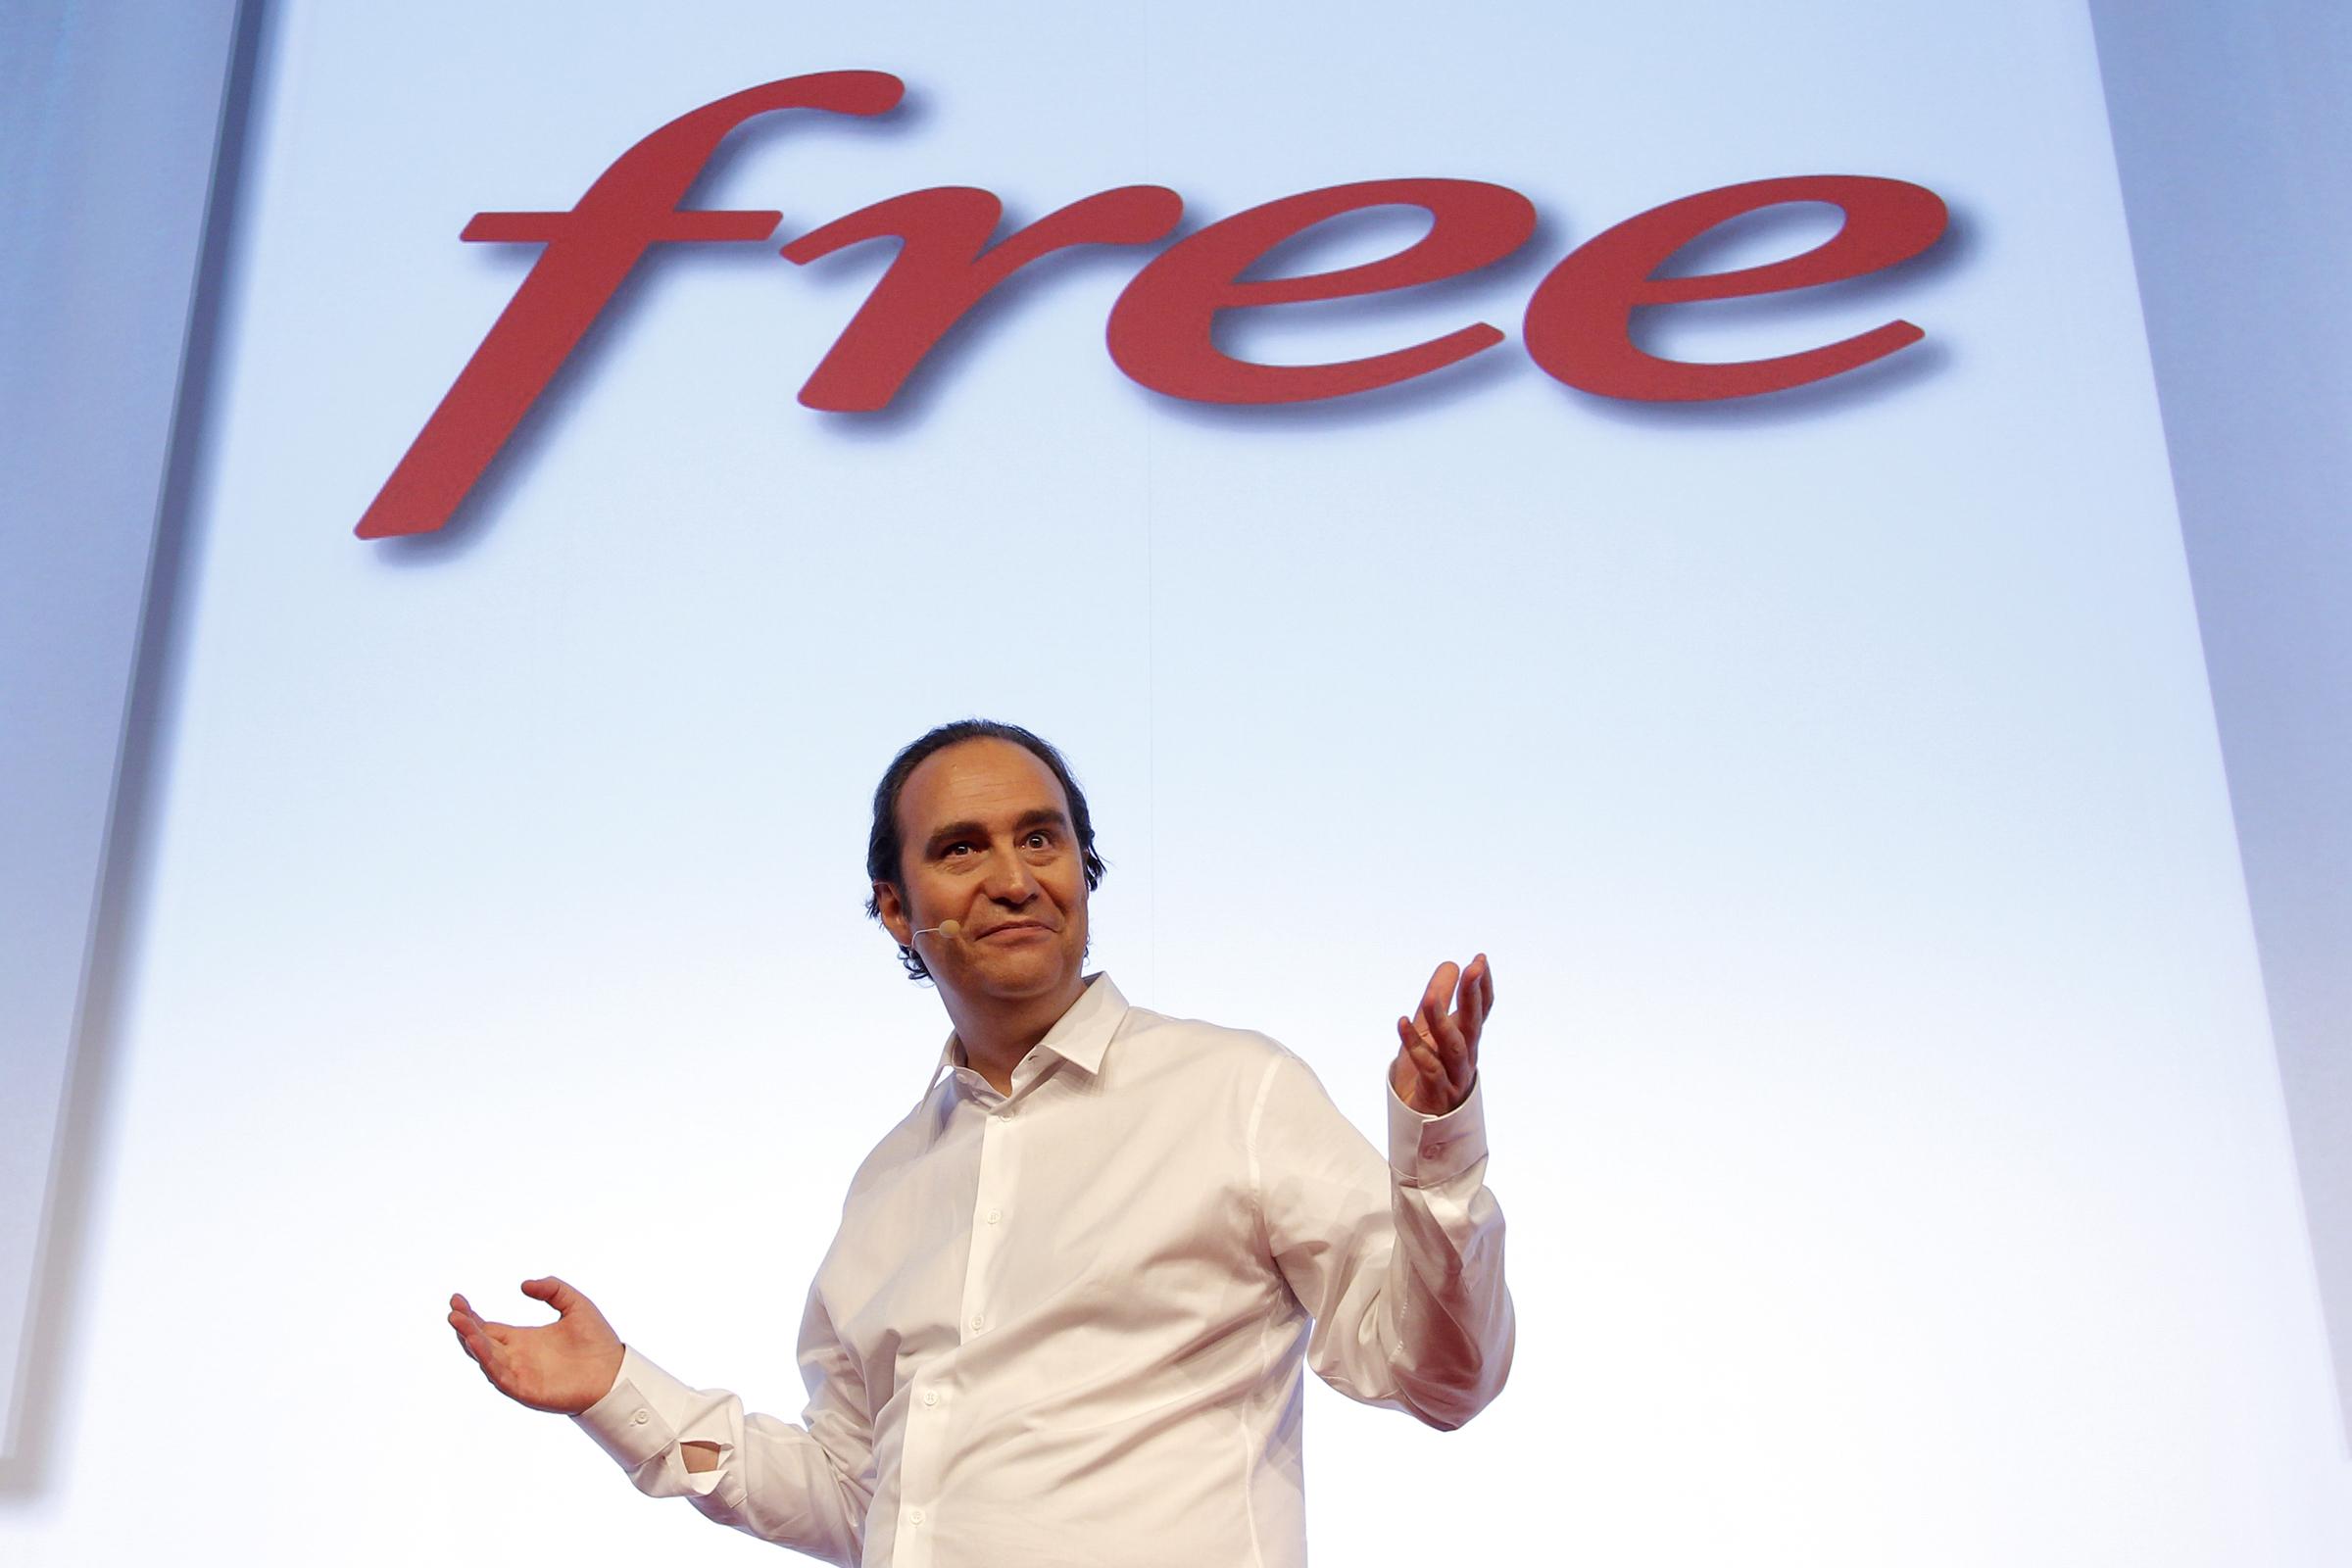 Vente Privée : le forfait 100 Go de Free Mobile reste à 4.99 euros !